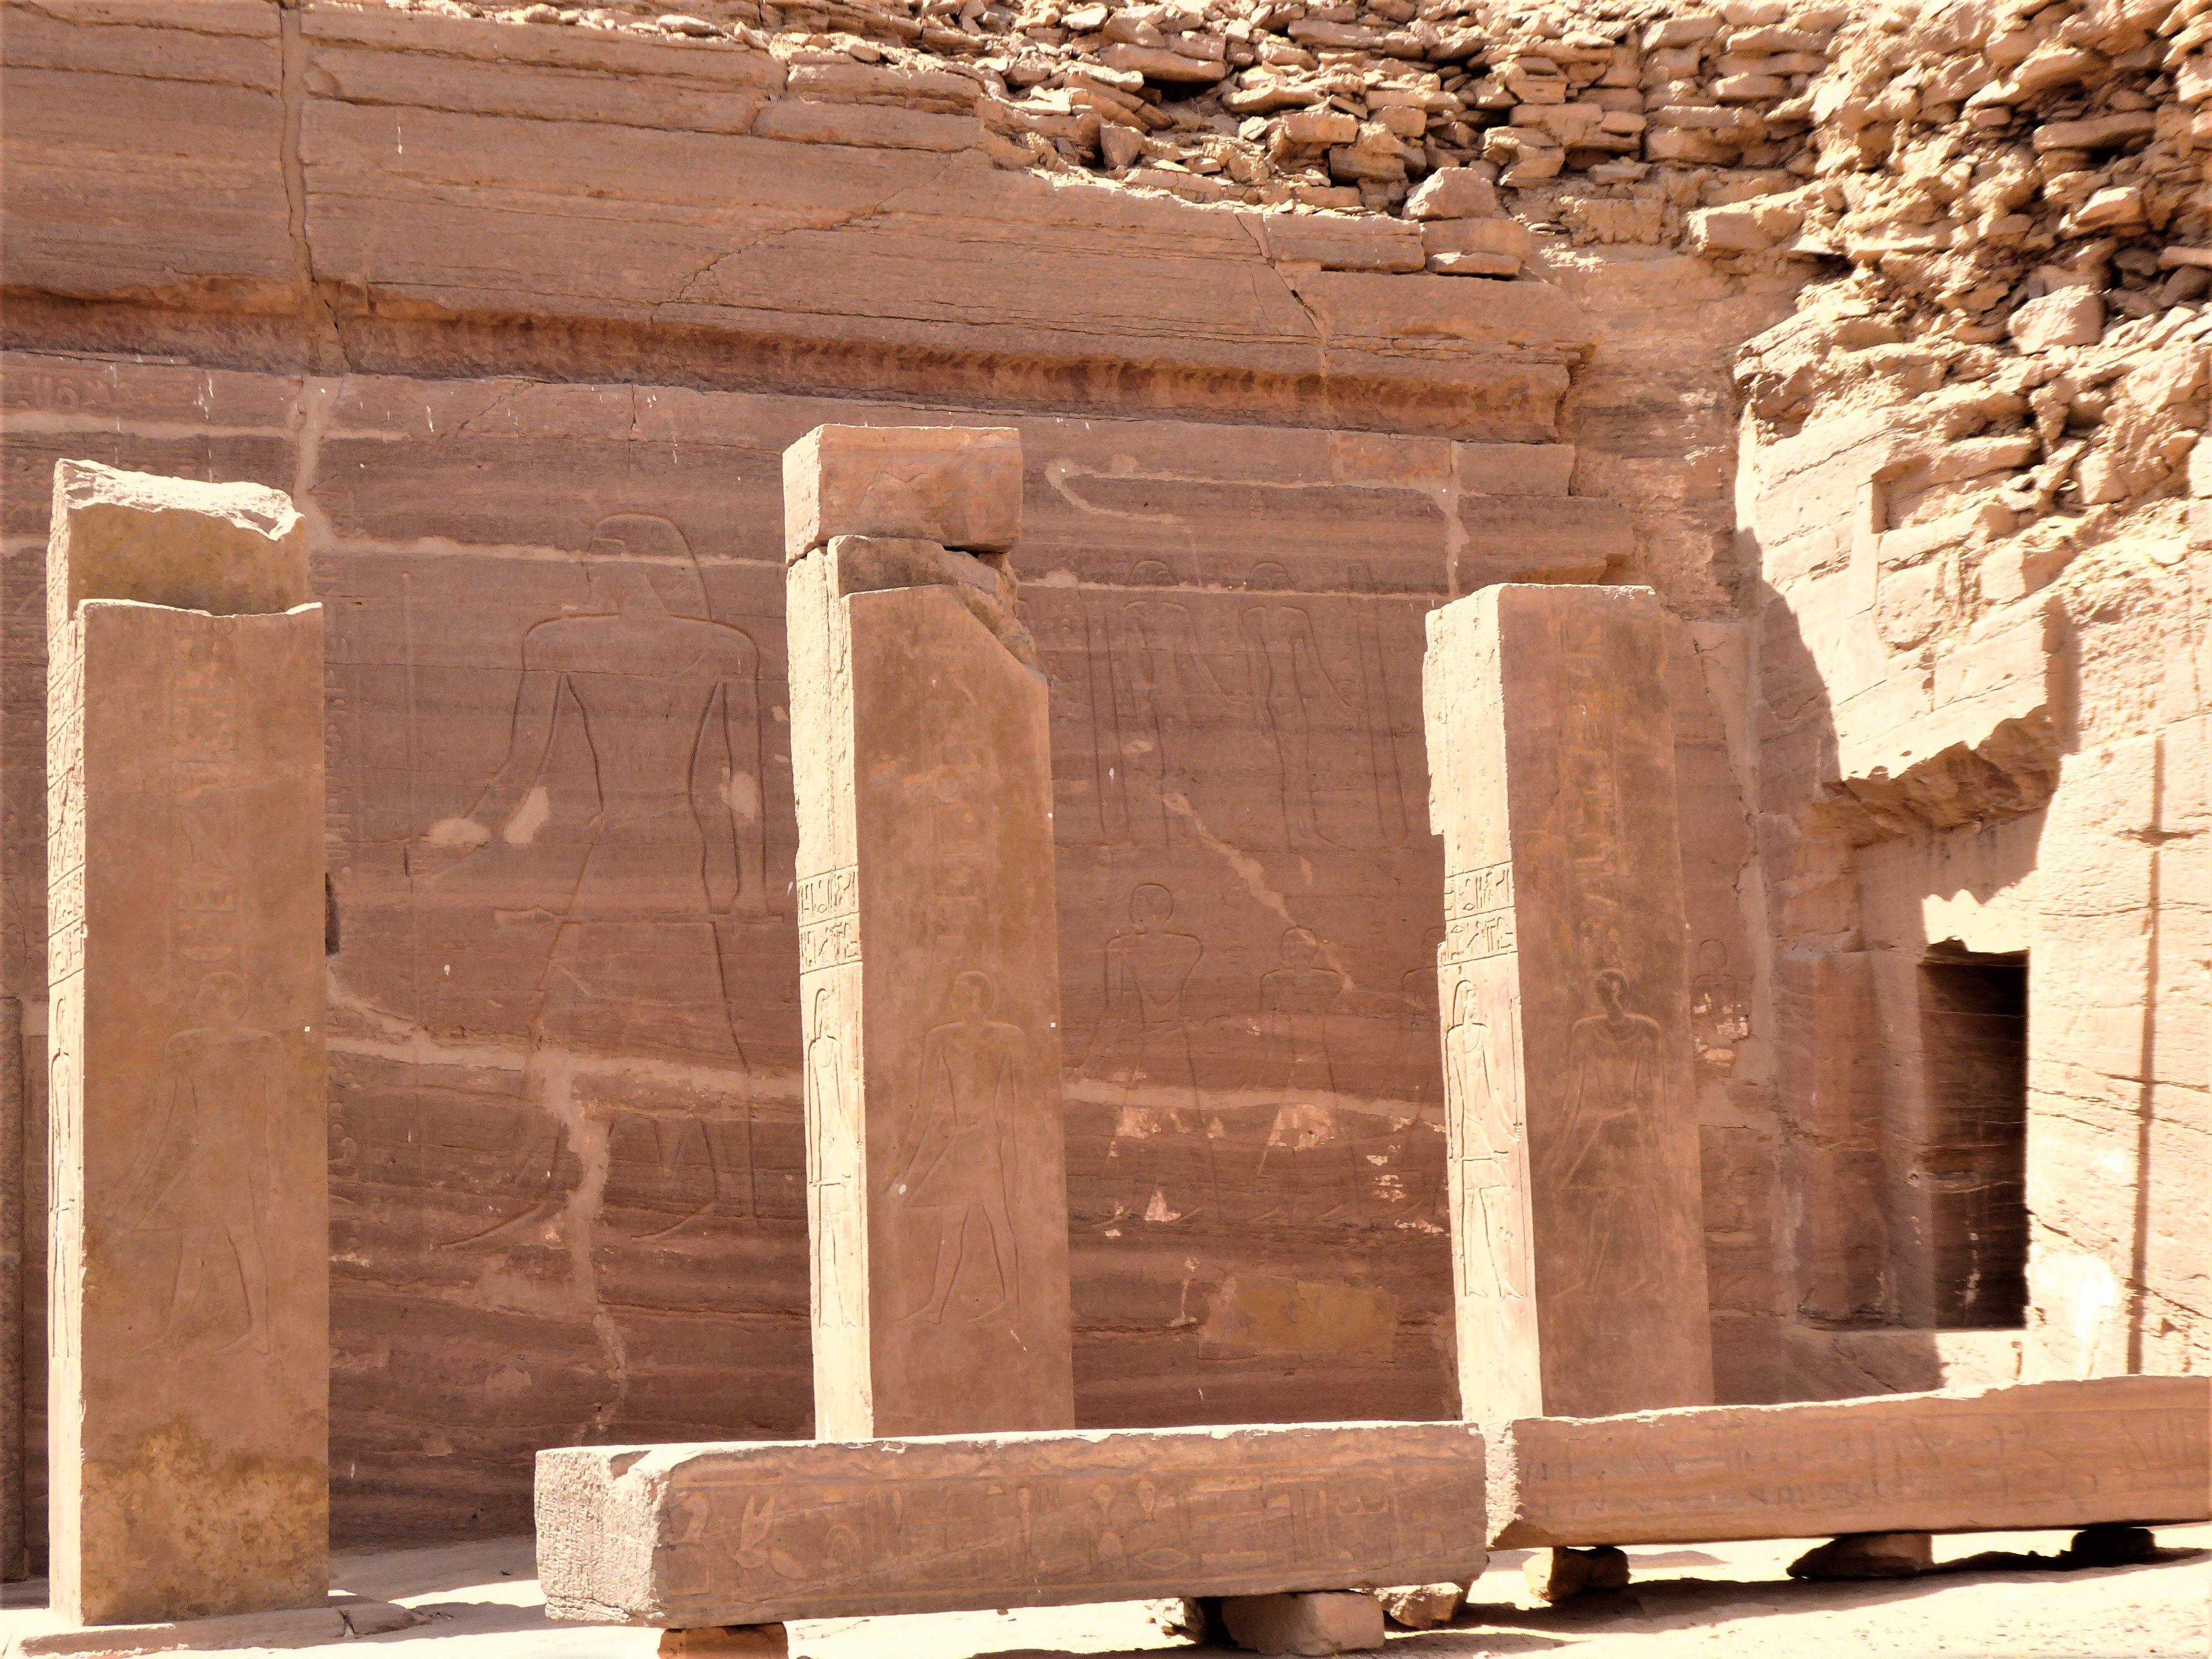 Sarenput I Tomb